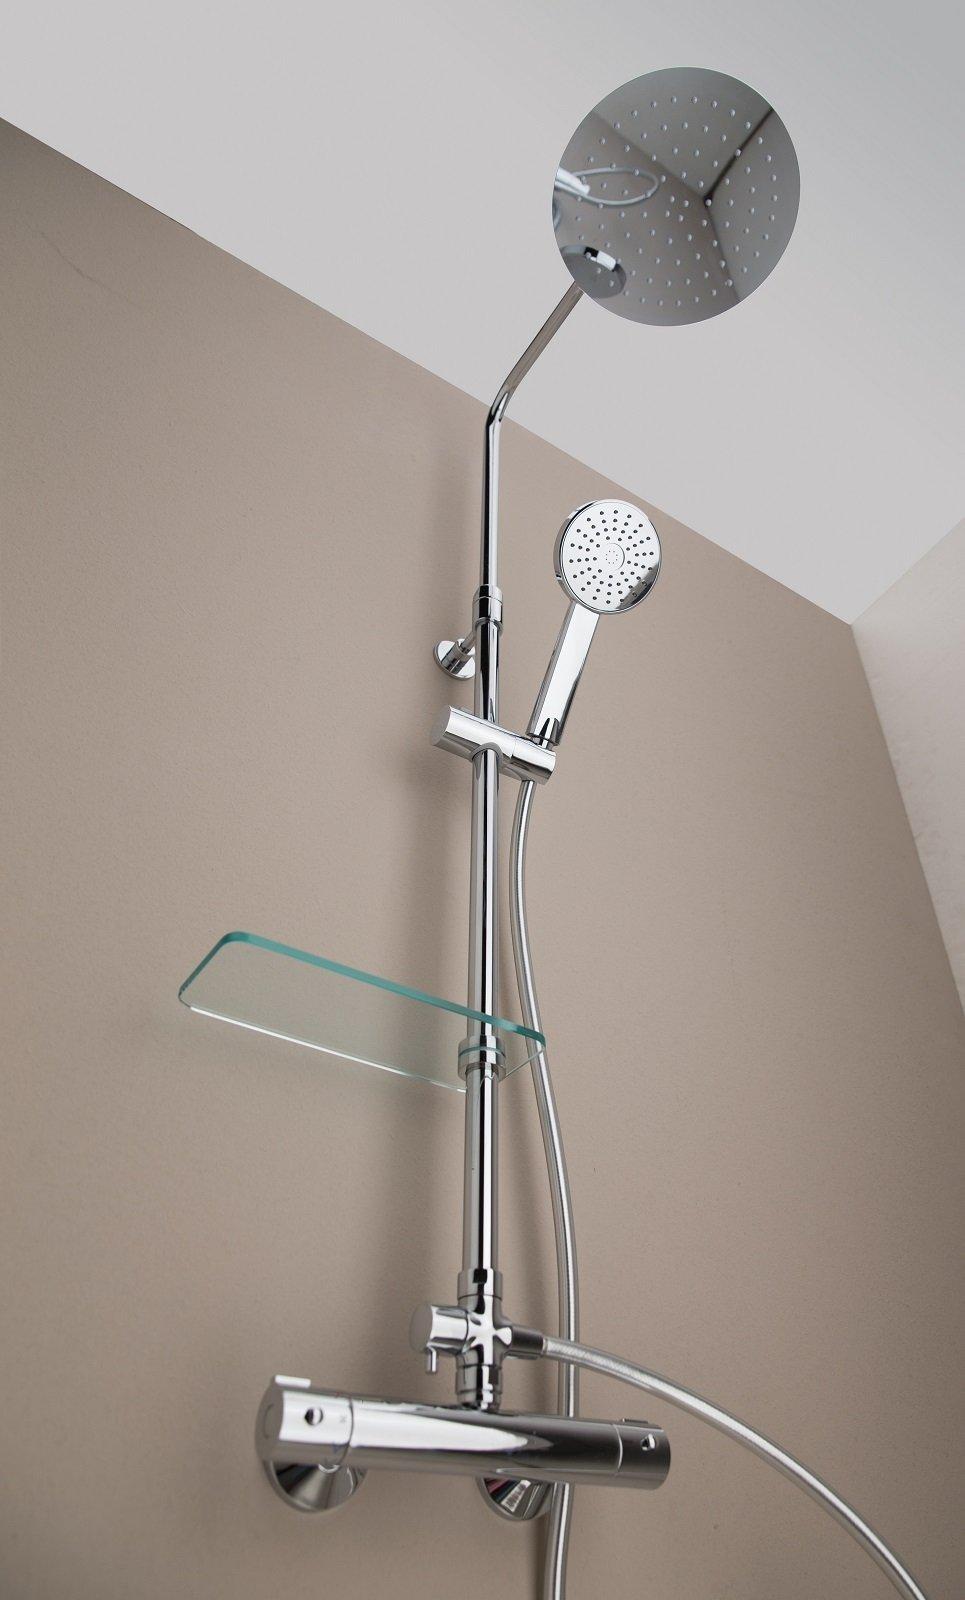 Doccia soffione e doccetta con asta saliscendi cose di casa for Altezza miscelatore doccia